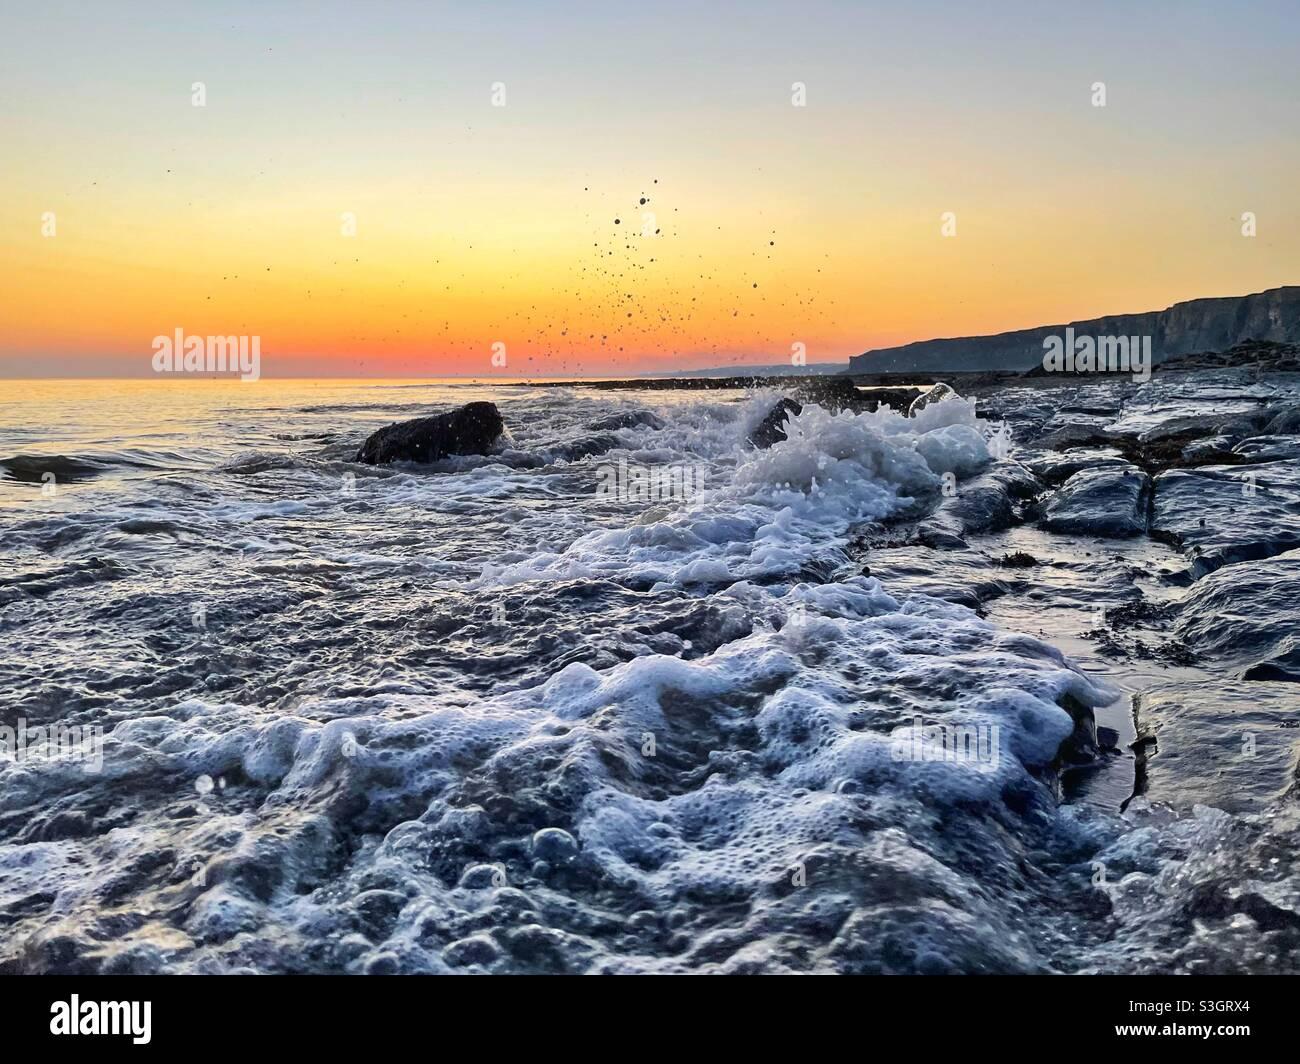 Sprudelndes Meer an der Küste von Südwales bei Dämmerung, ankommender Flut. Stockfoto